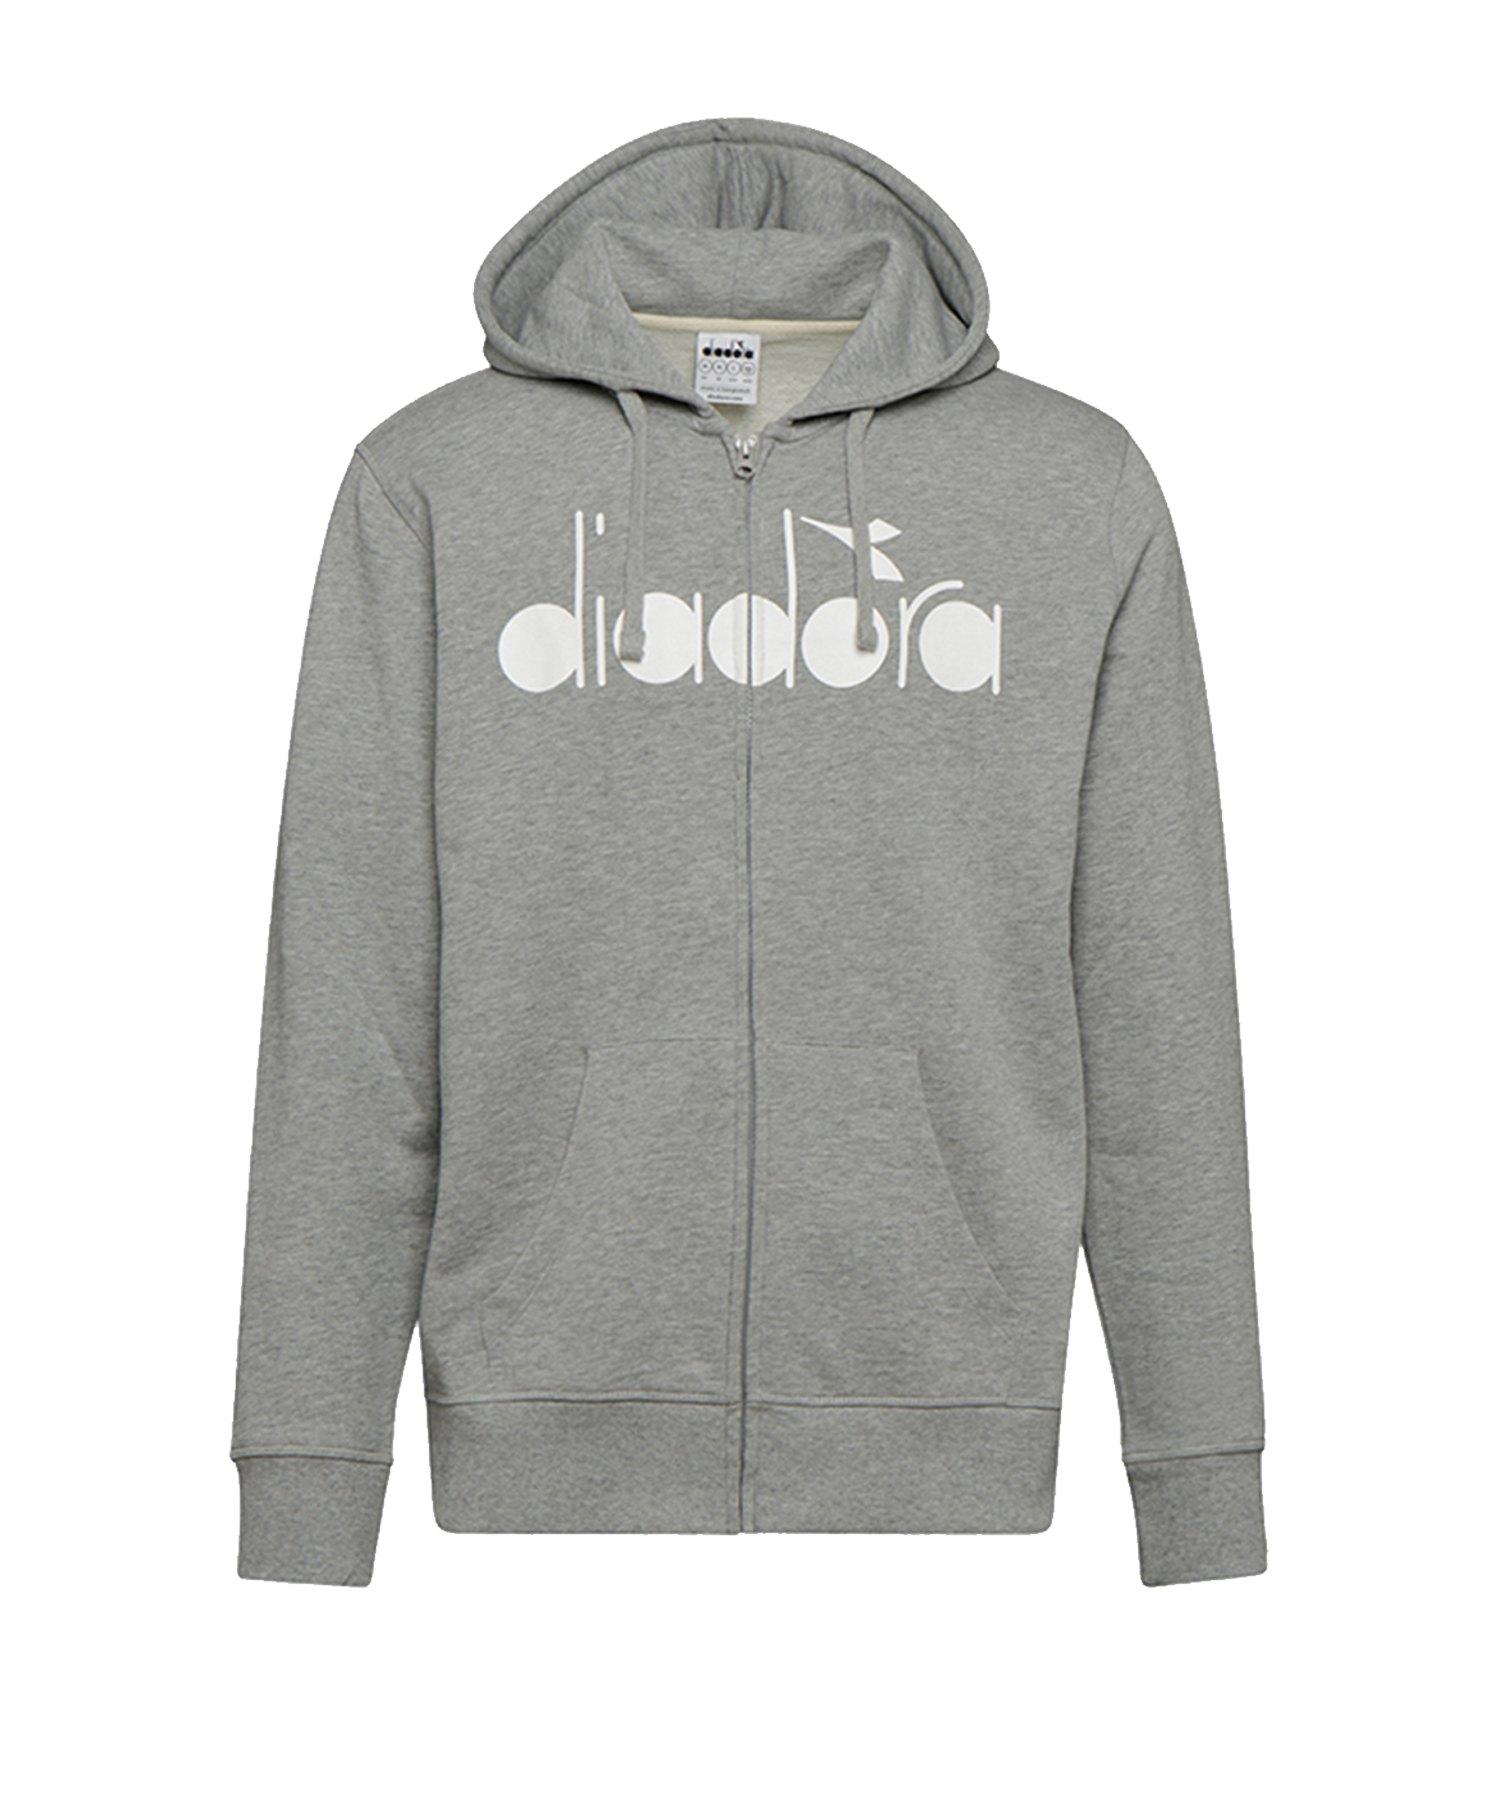 Diadora Hoody 5Palle Kapuzenjacke Grau C5493 - grau